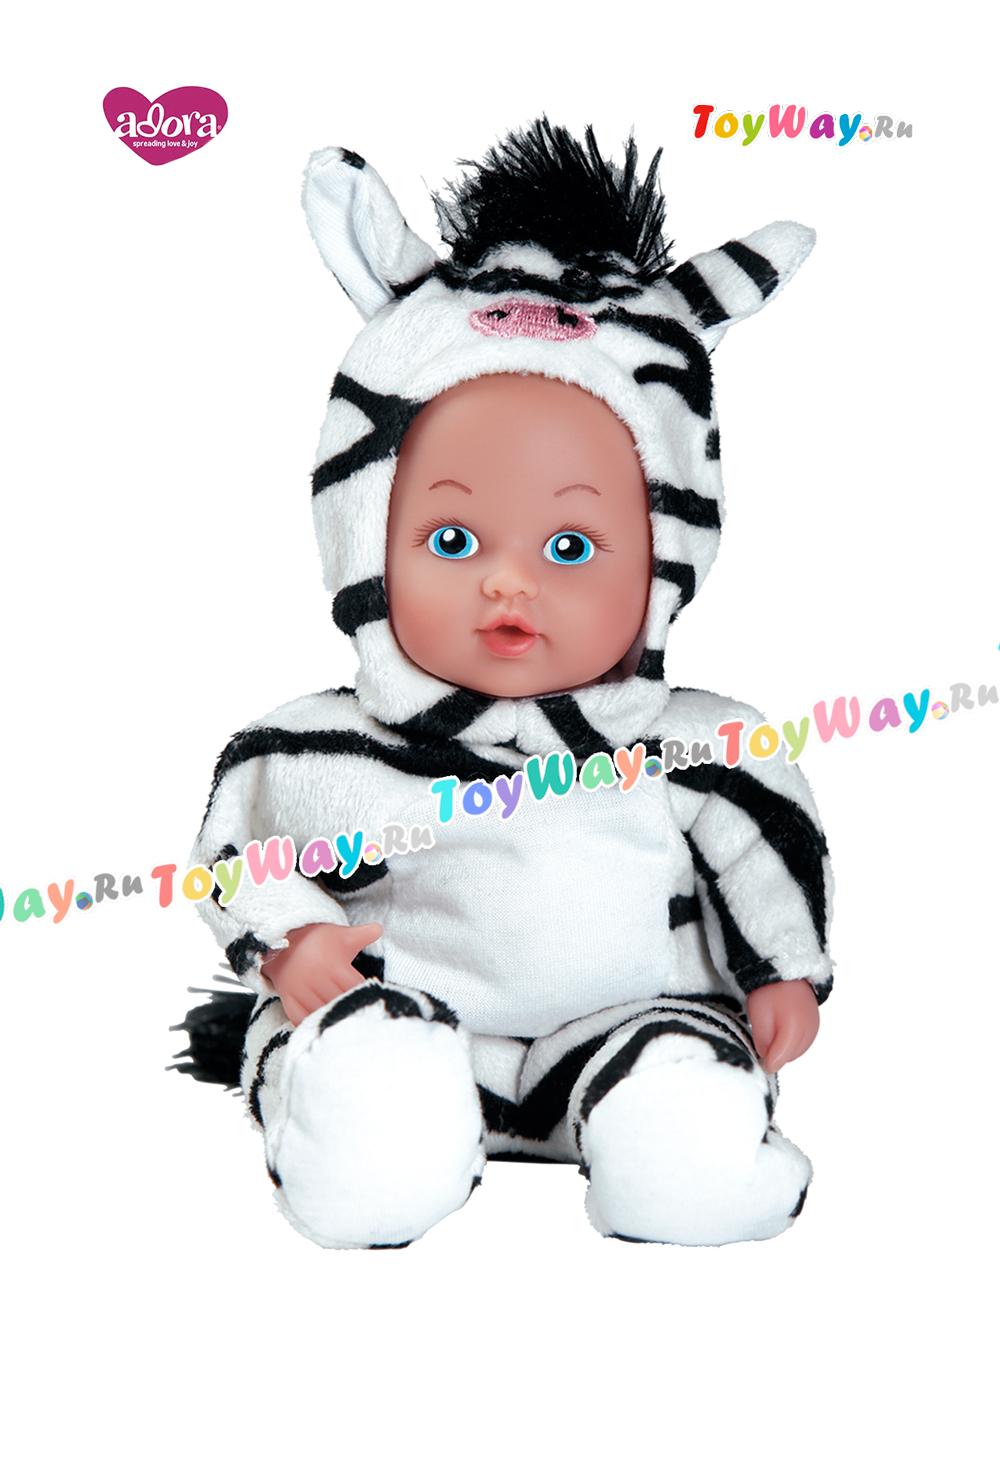 Купить Кукла - Зебра, 20 см, Adora inc